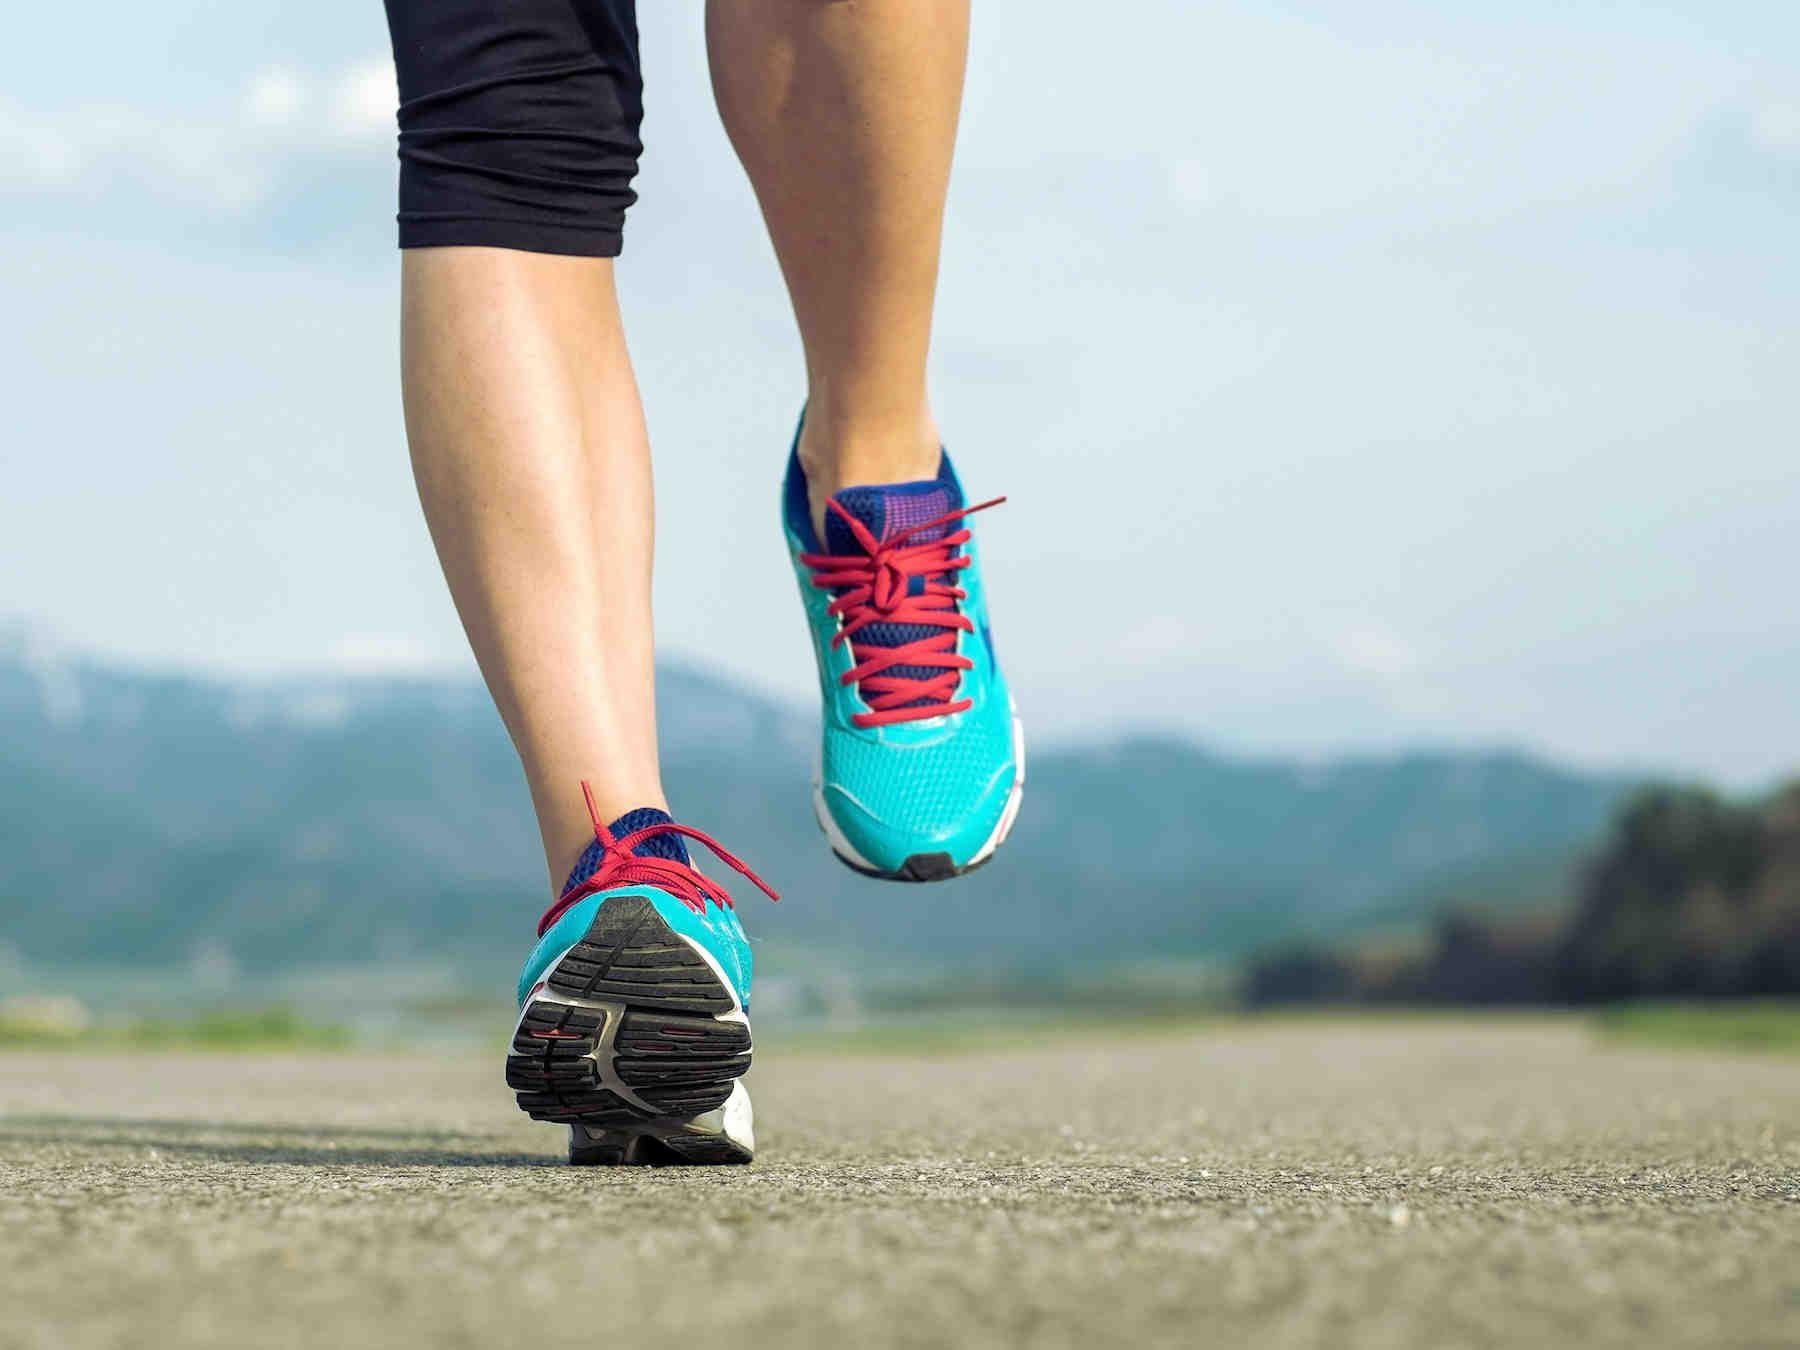 Koordinaatioharjoitusten avulla löydät korkean ja ryhdikkään juoksuasennon. Lisäksi ne auttavat treenaamaan jalkojen ojentajalihaksia ja parantamaan...